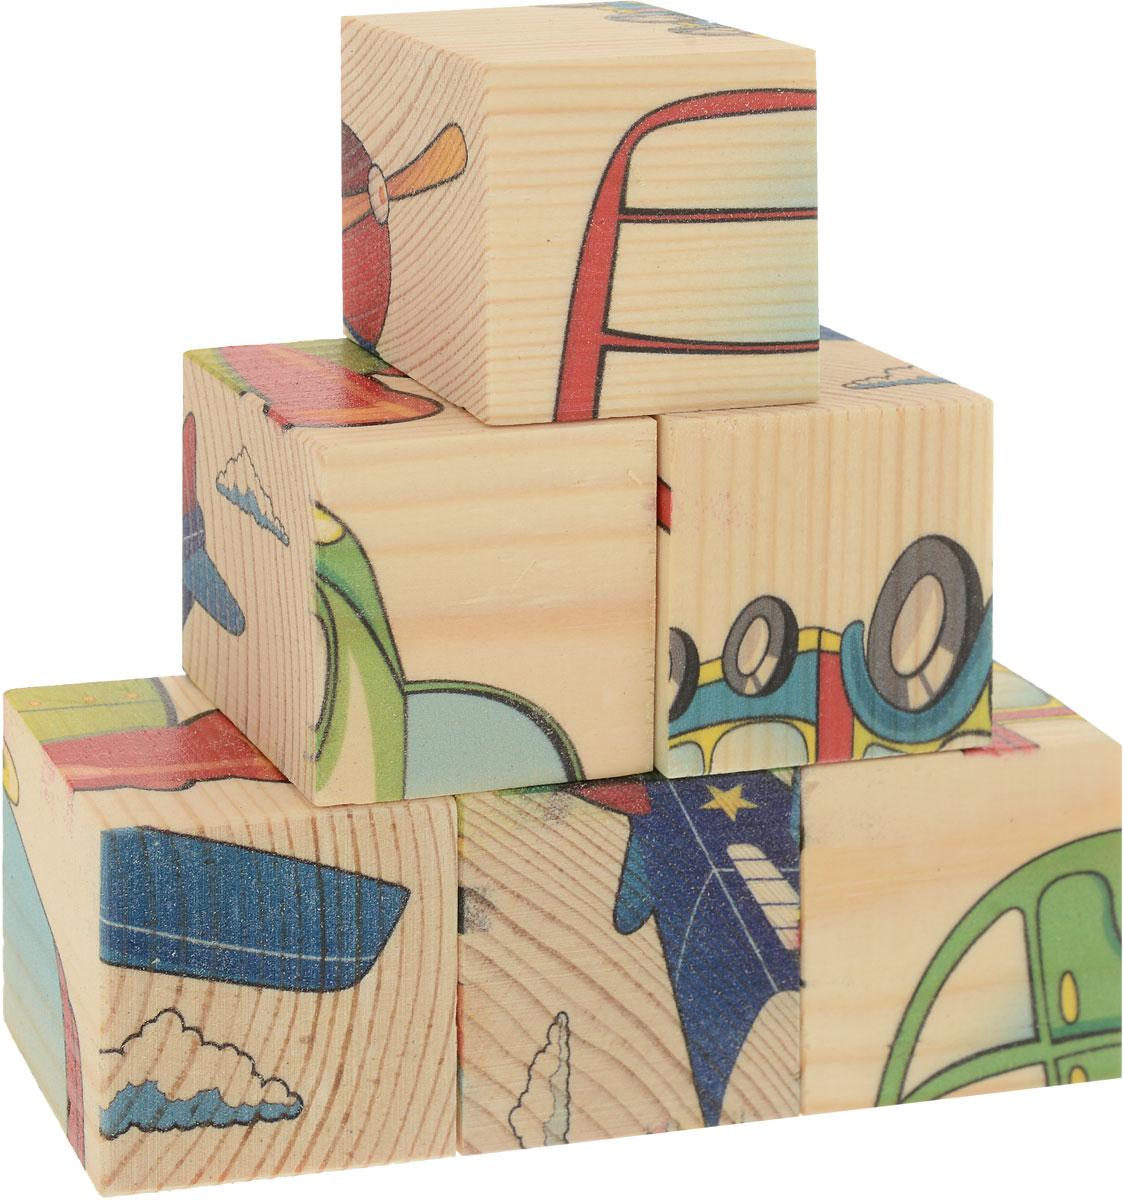 Развивающие деревянные игрушки Кубики Транспорт развивающие деревянные игрушки кубики сладости